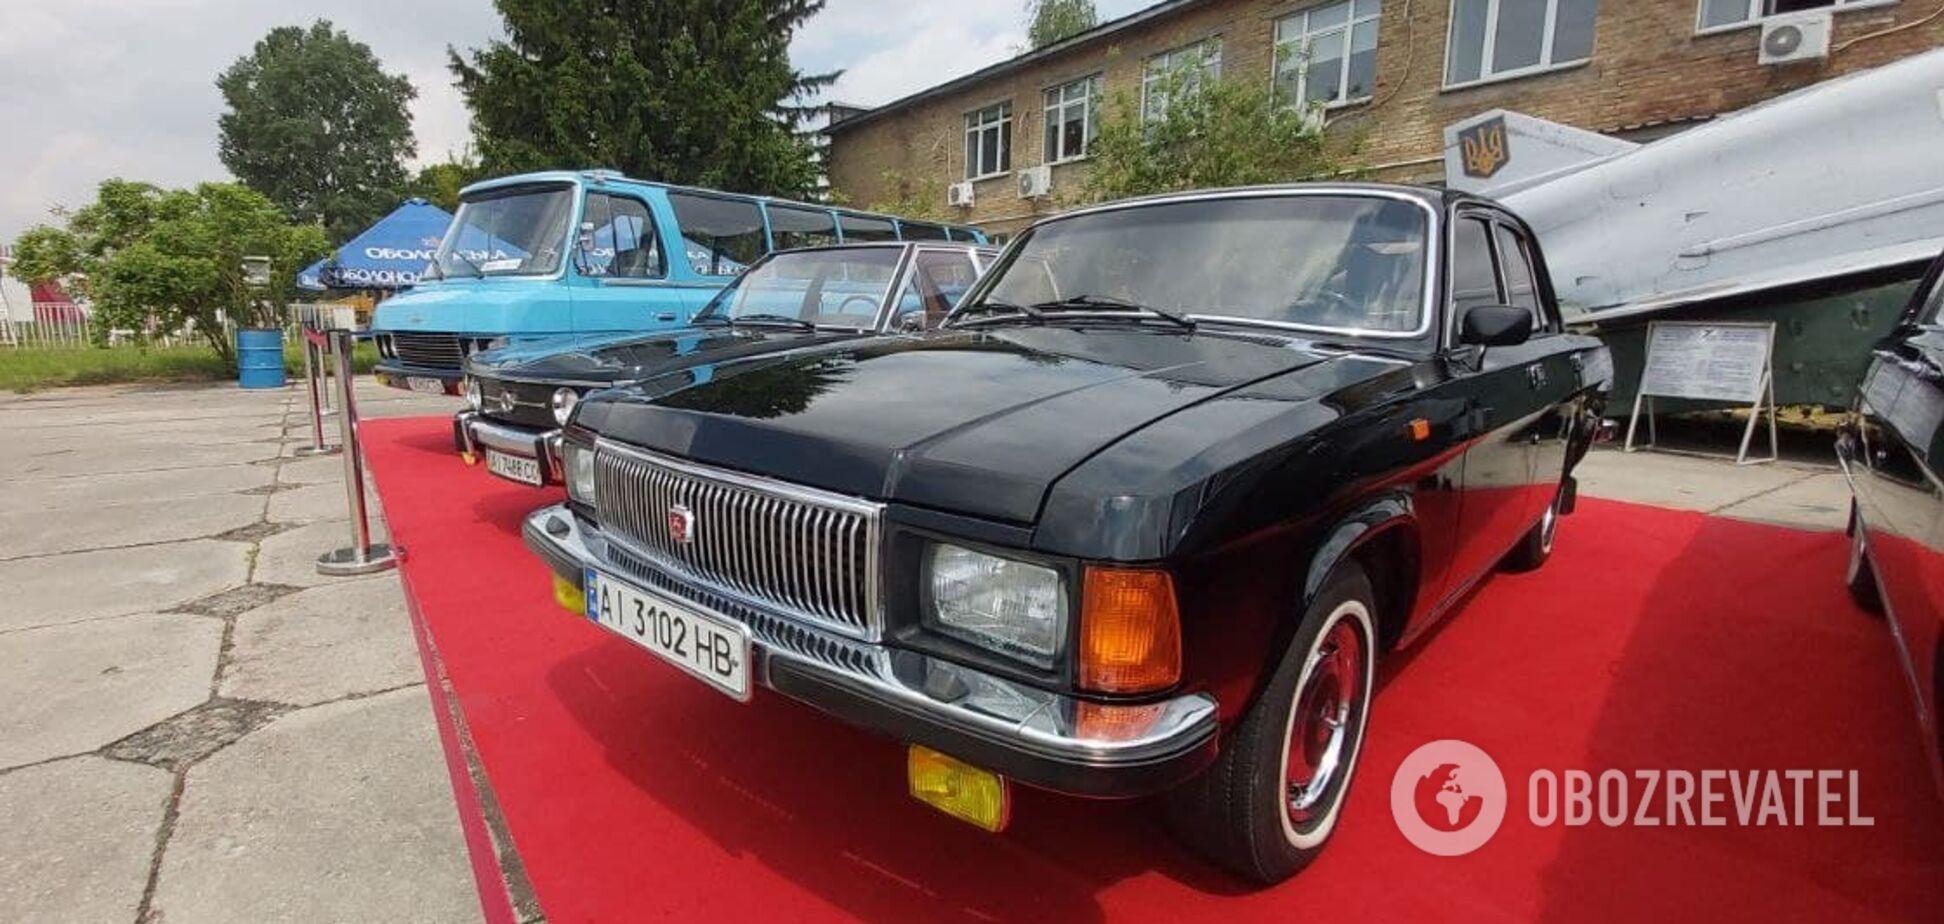 Авто Щербицького та перший ''Ford'': у Києві відкрився фестиваль ретро авто